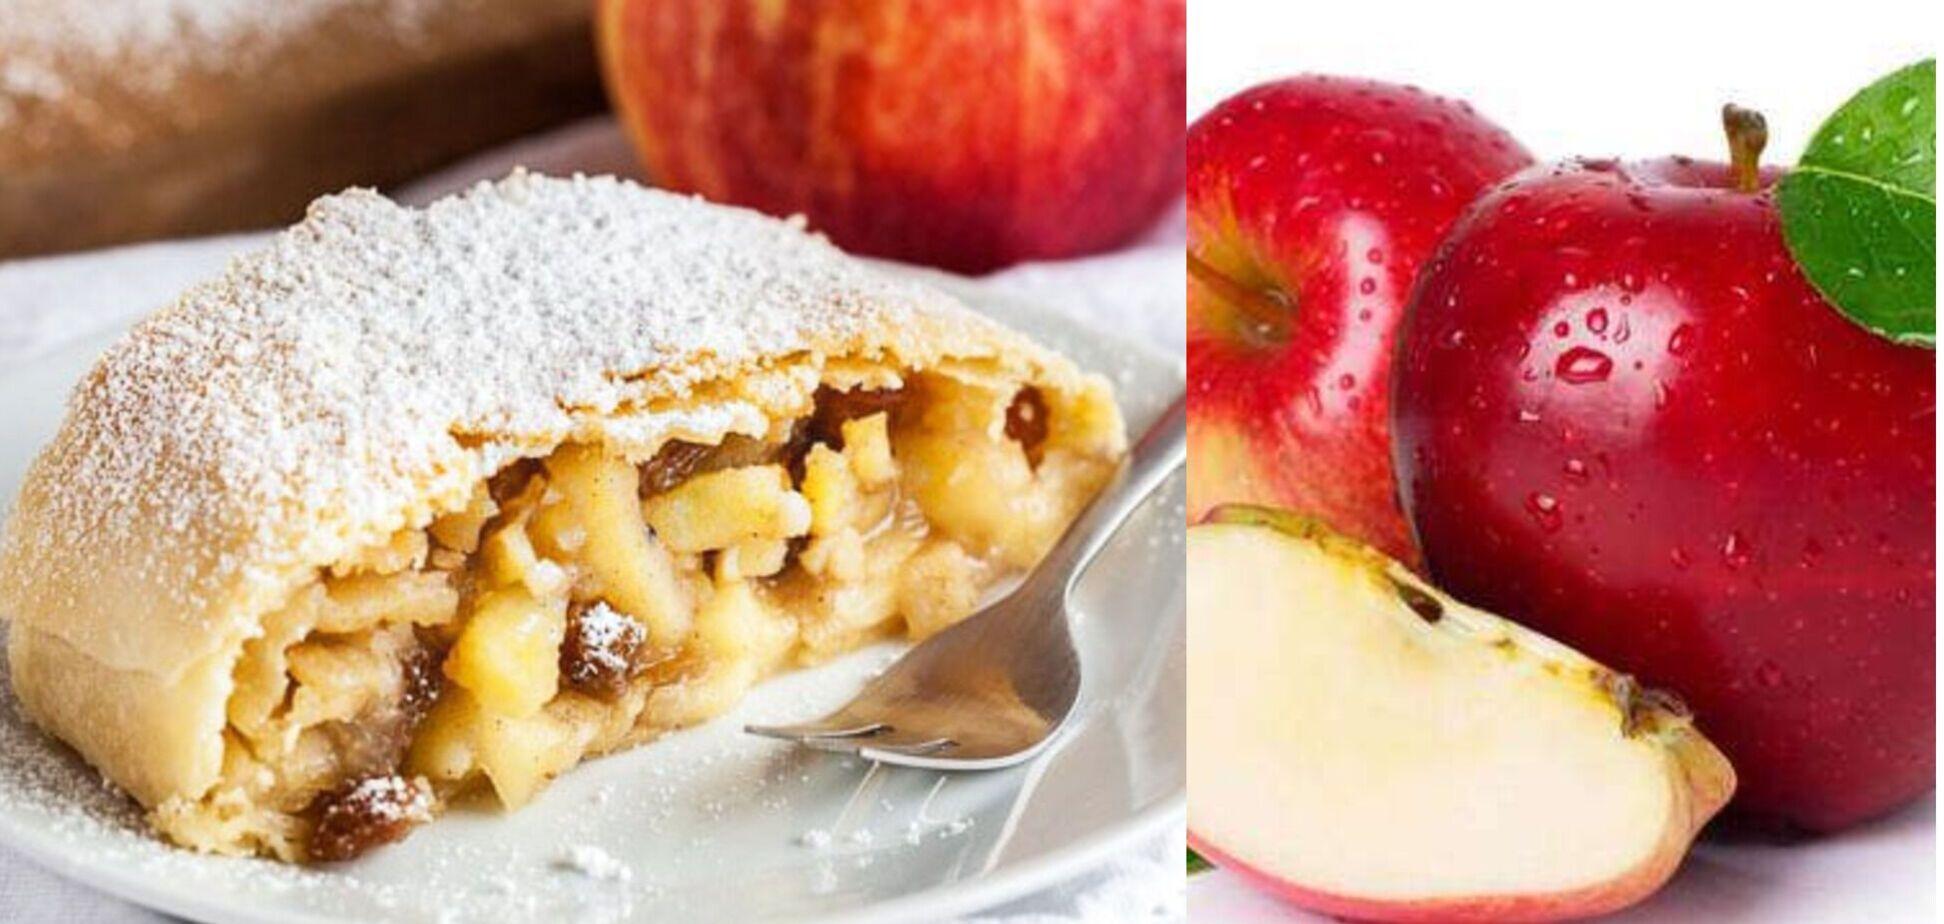 Яблочный штрудель – нелюбимый десерт советской власти: семейный рецепт